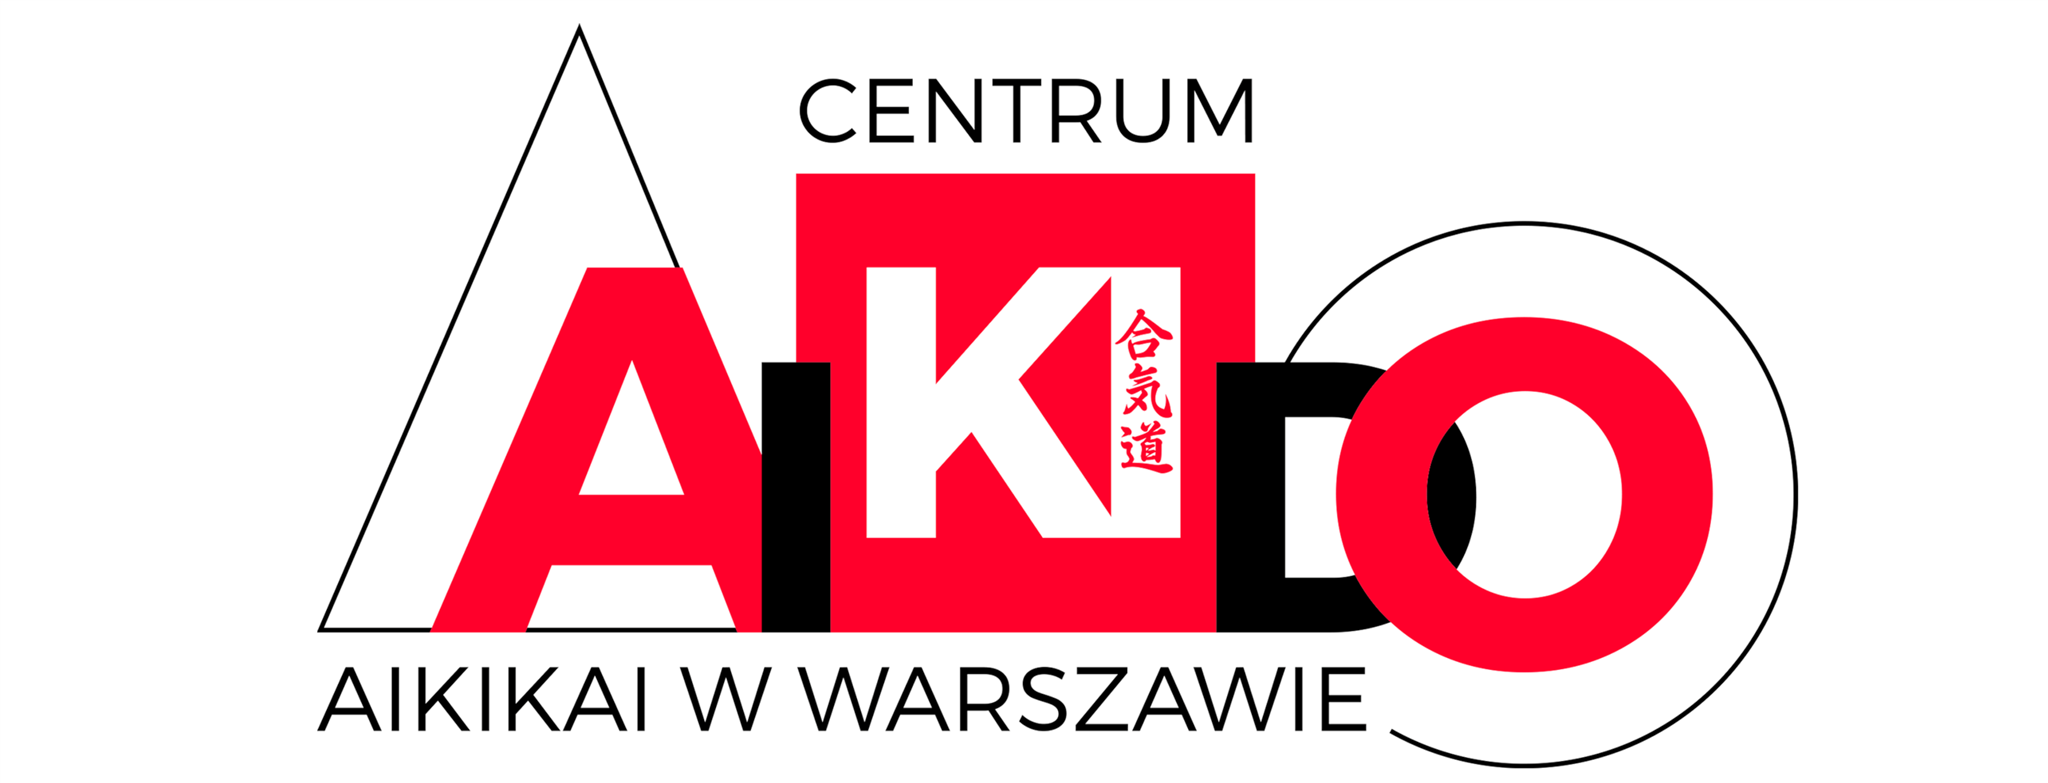 Aktualności | Centrum Aikido w Warszawie R Hoffmann 6 dan | Page 11